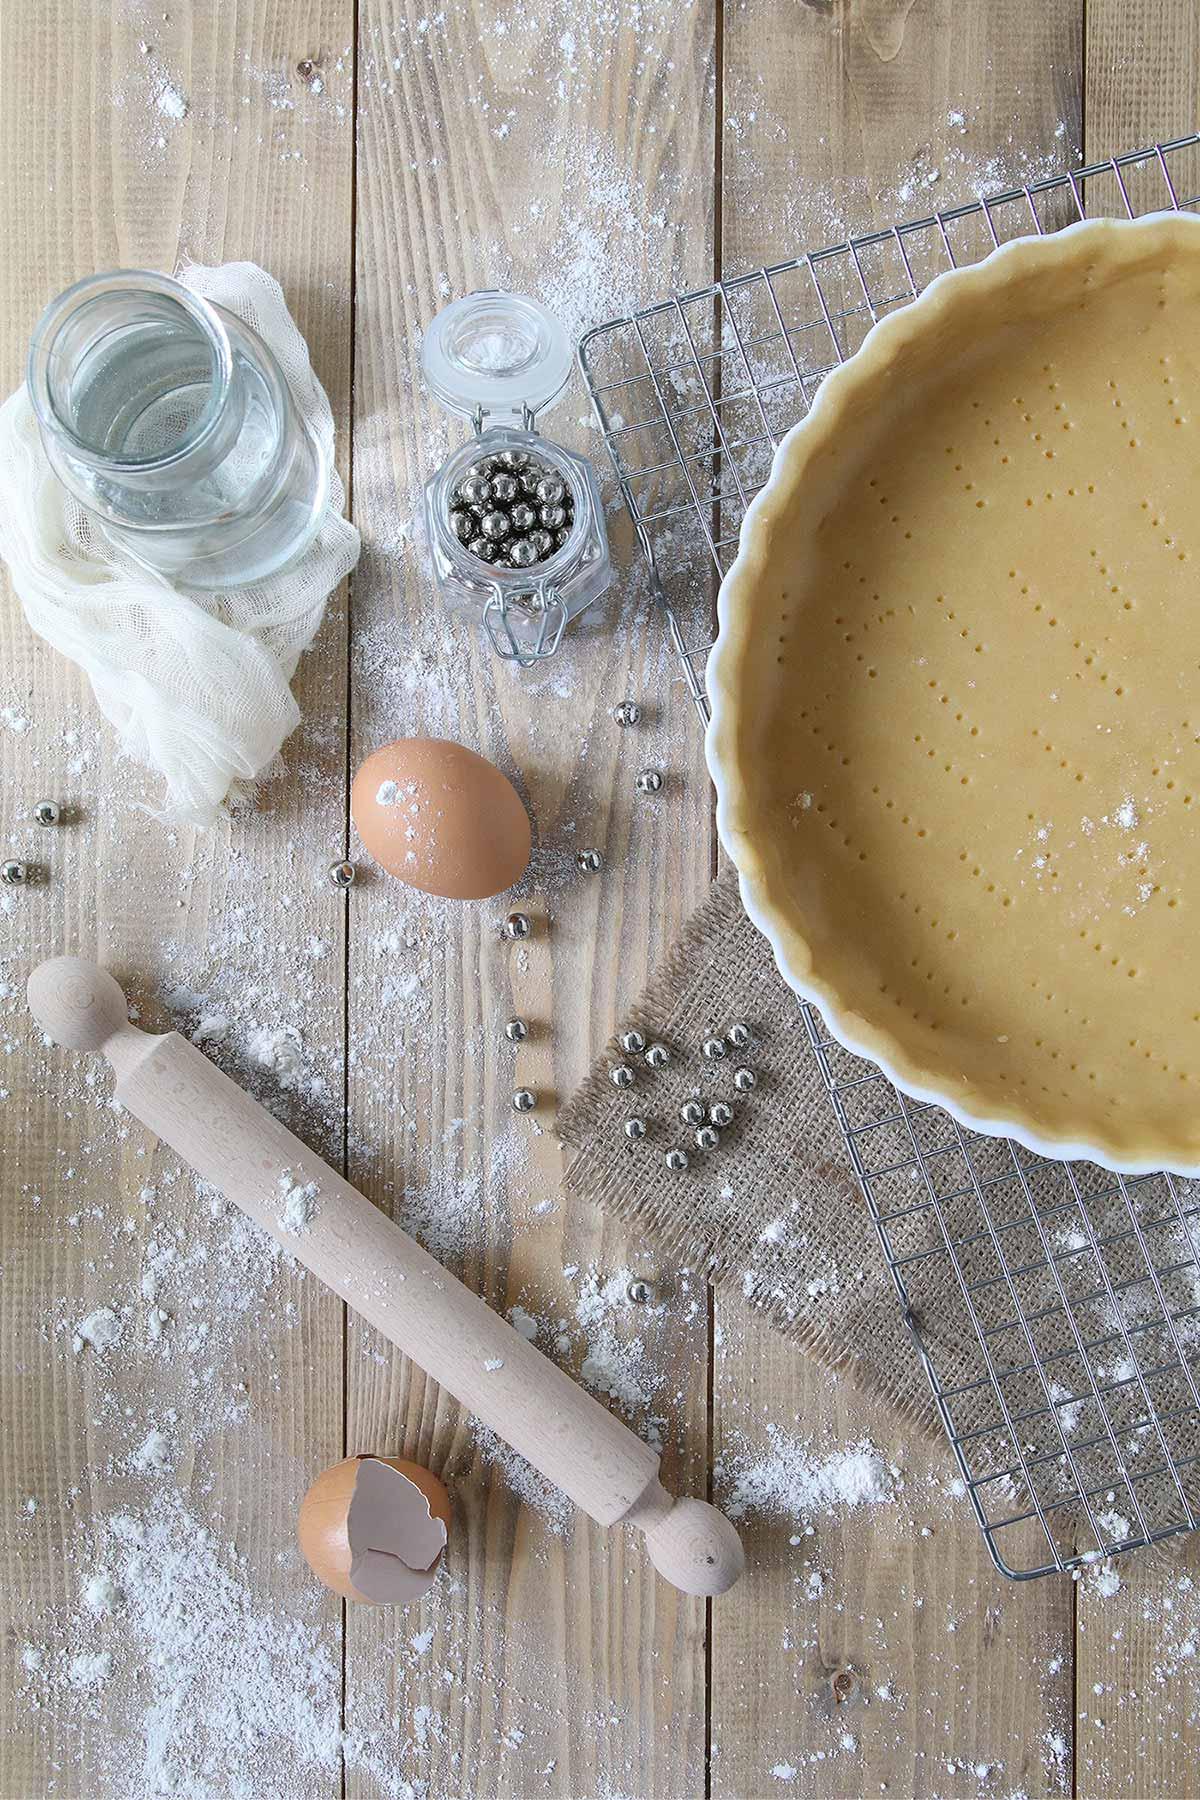 La recette de pâte brisée de Christophe Felder.